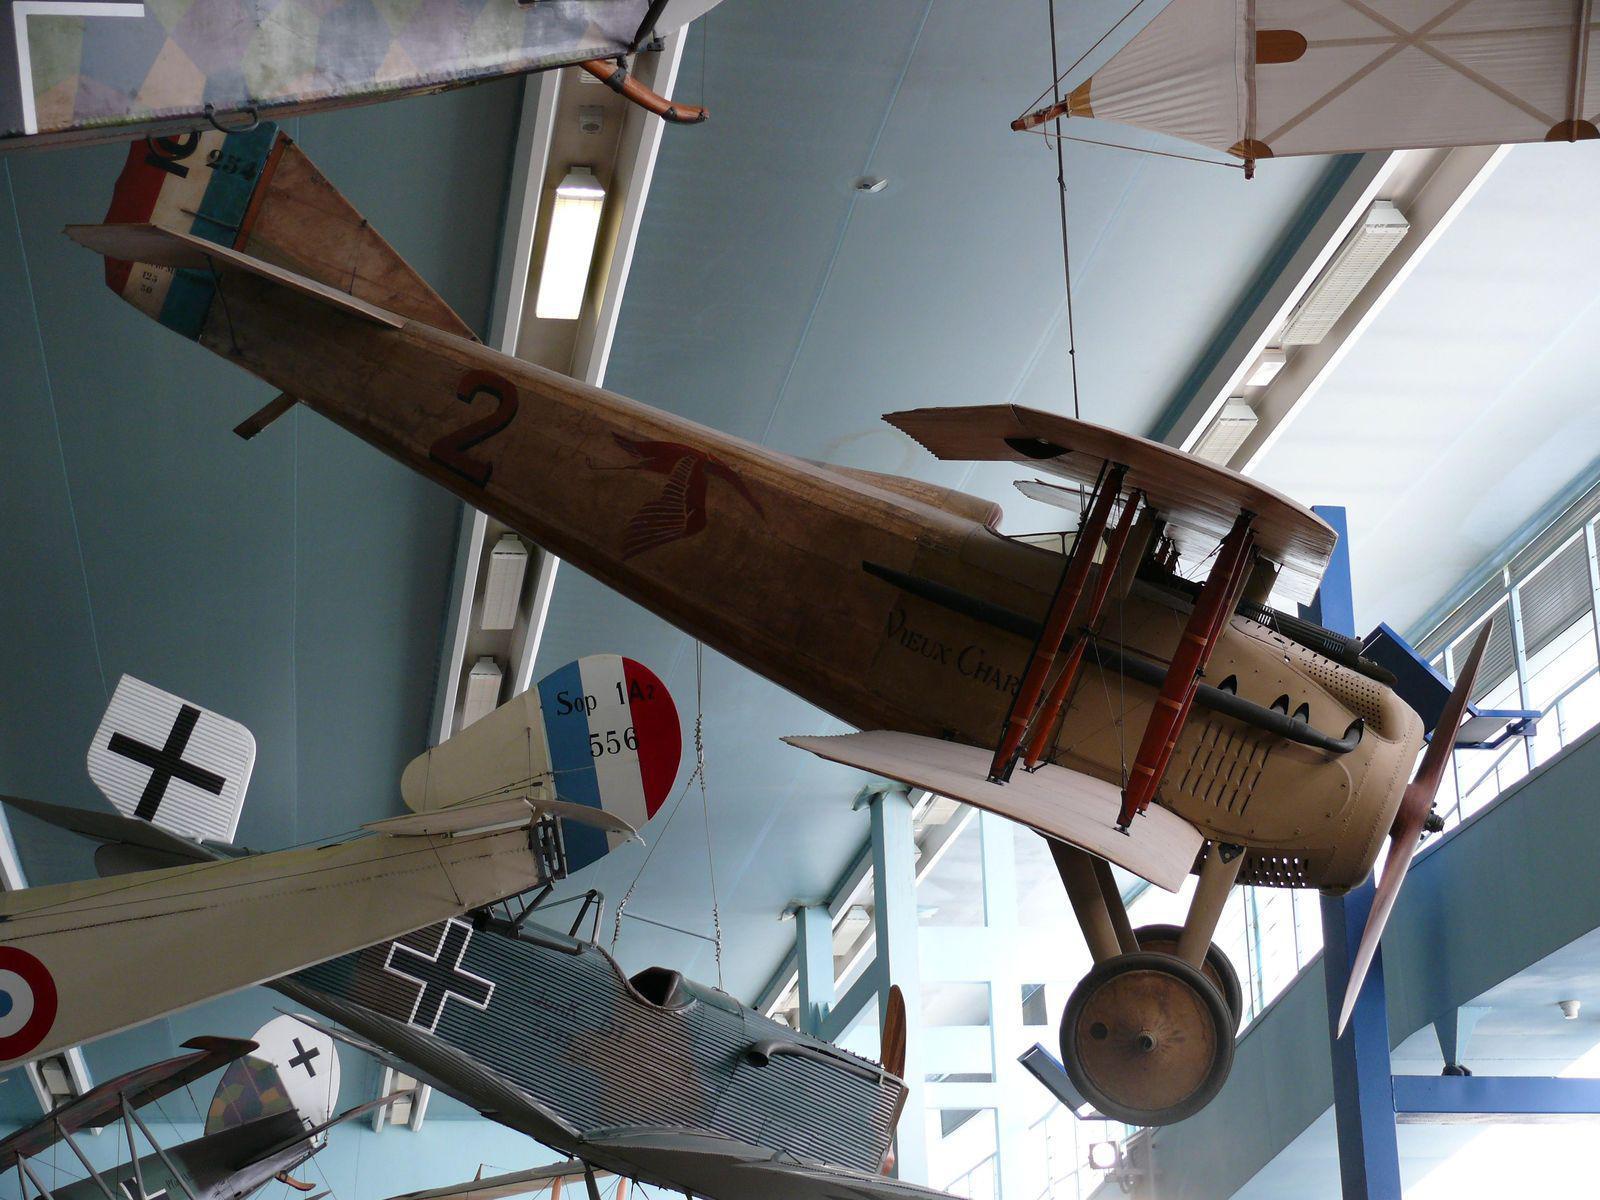 Musée de l'Air et de l'Espace_Le Bourget (1)